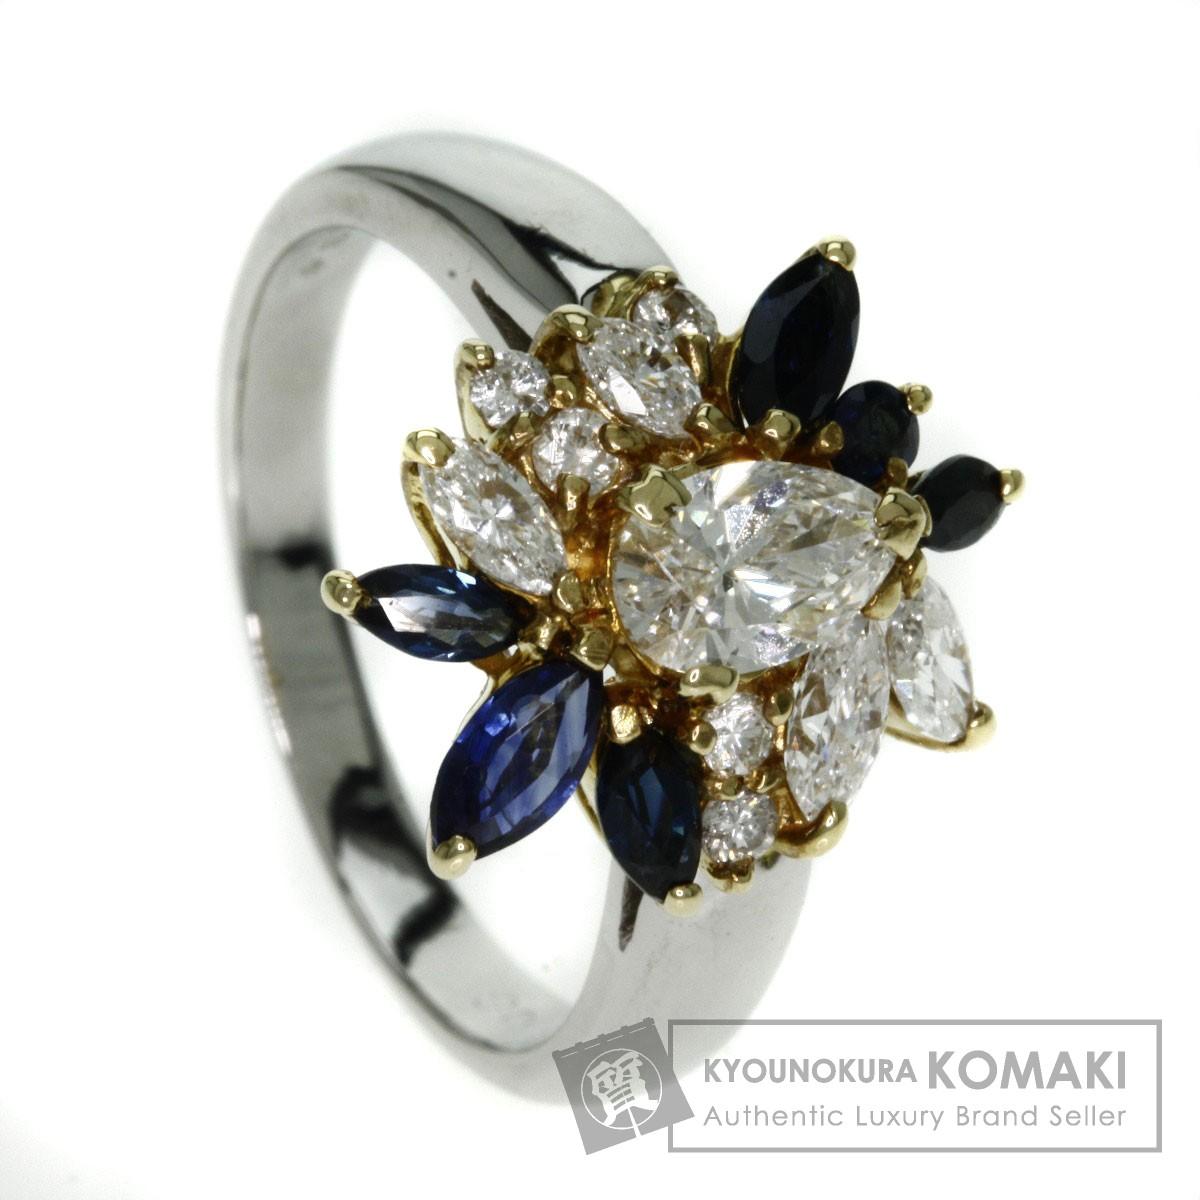 0.59ct サファイア/ダイヤモンド リング・指輪 プラチナPT850/K18YG 5.9g レディース 【中古】